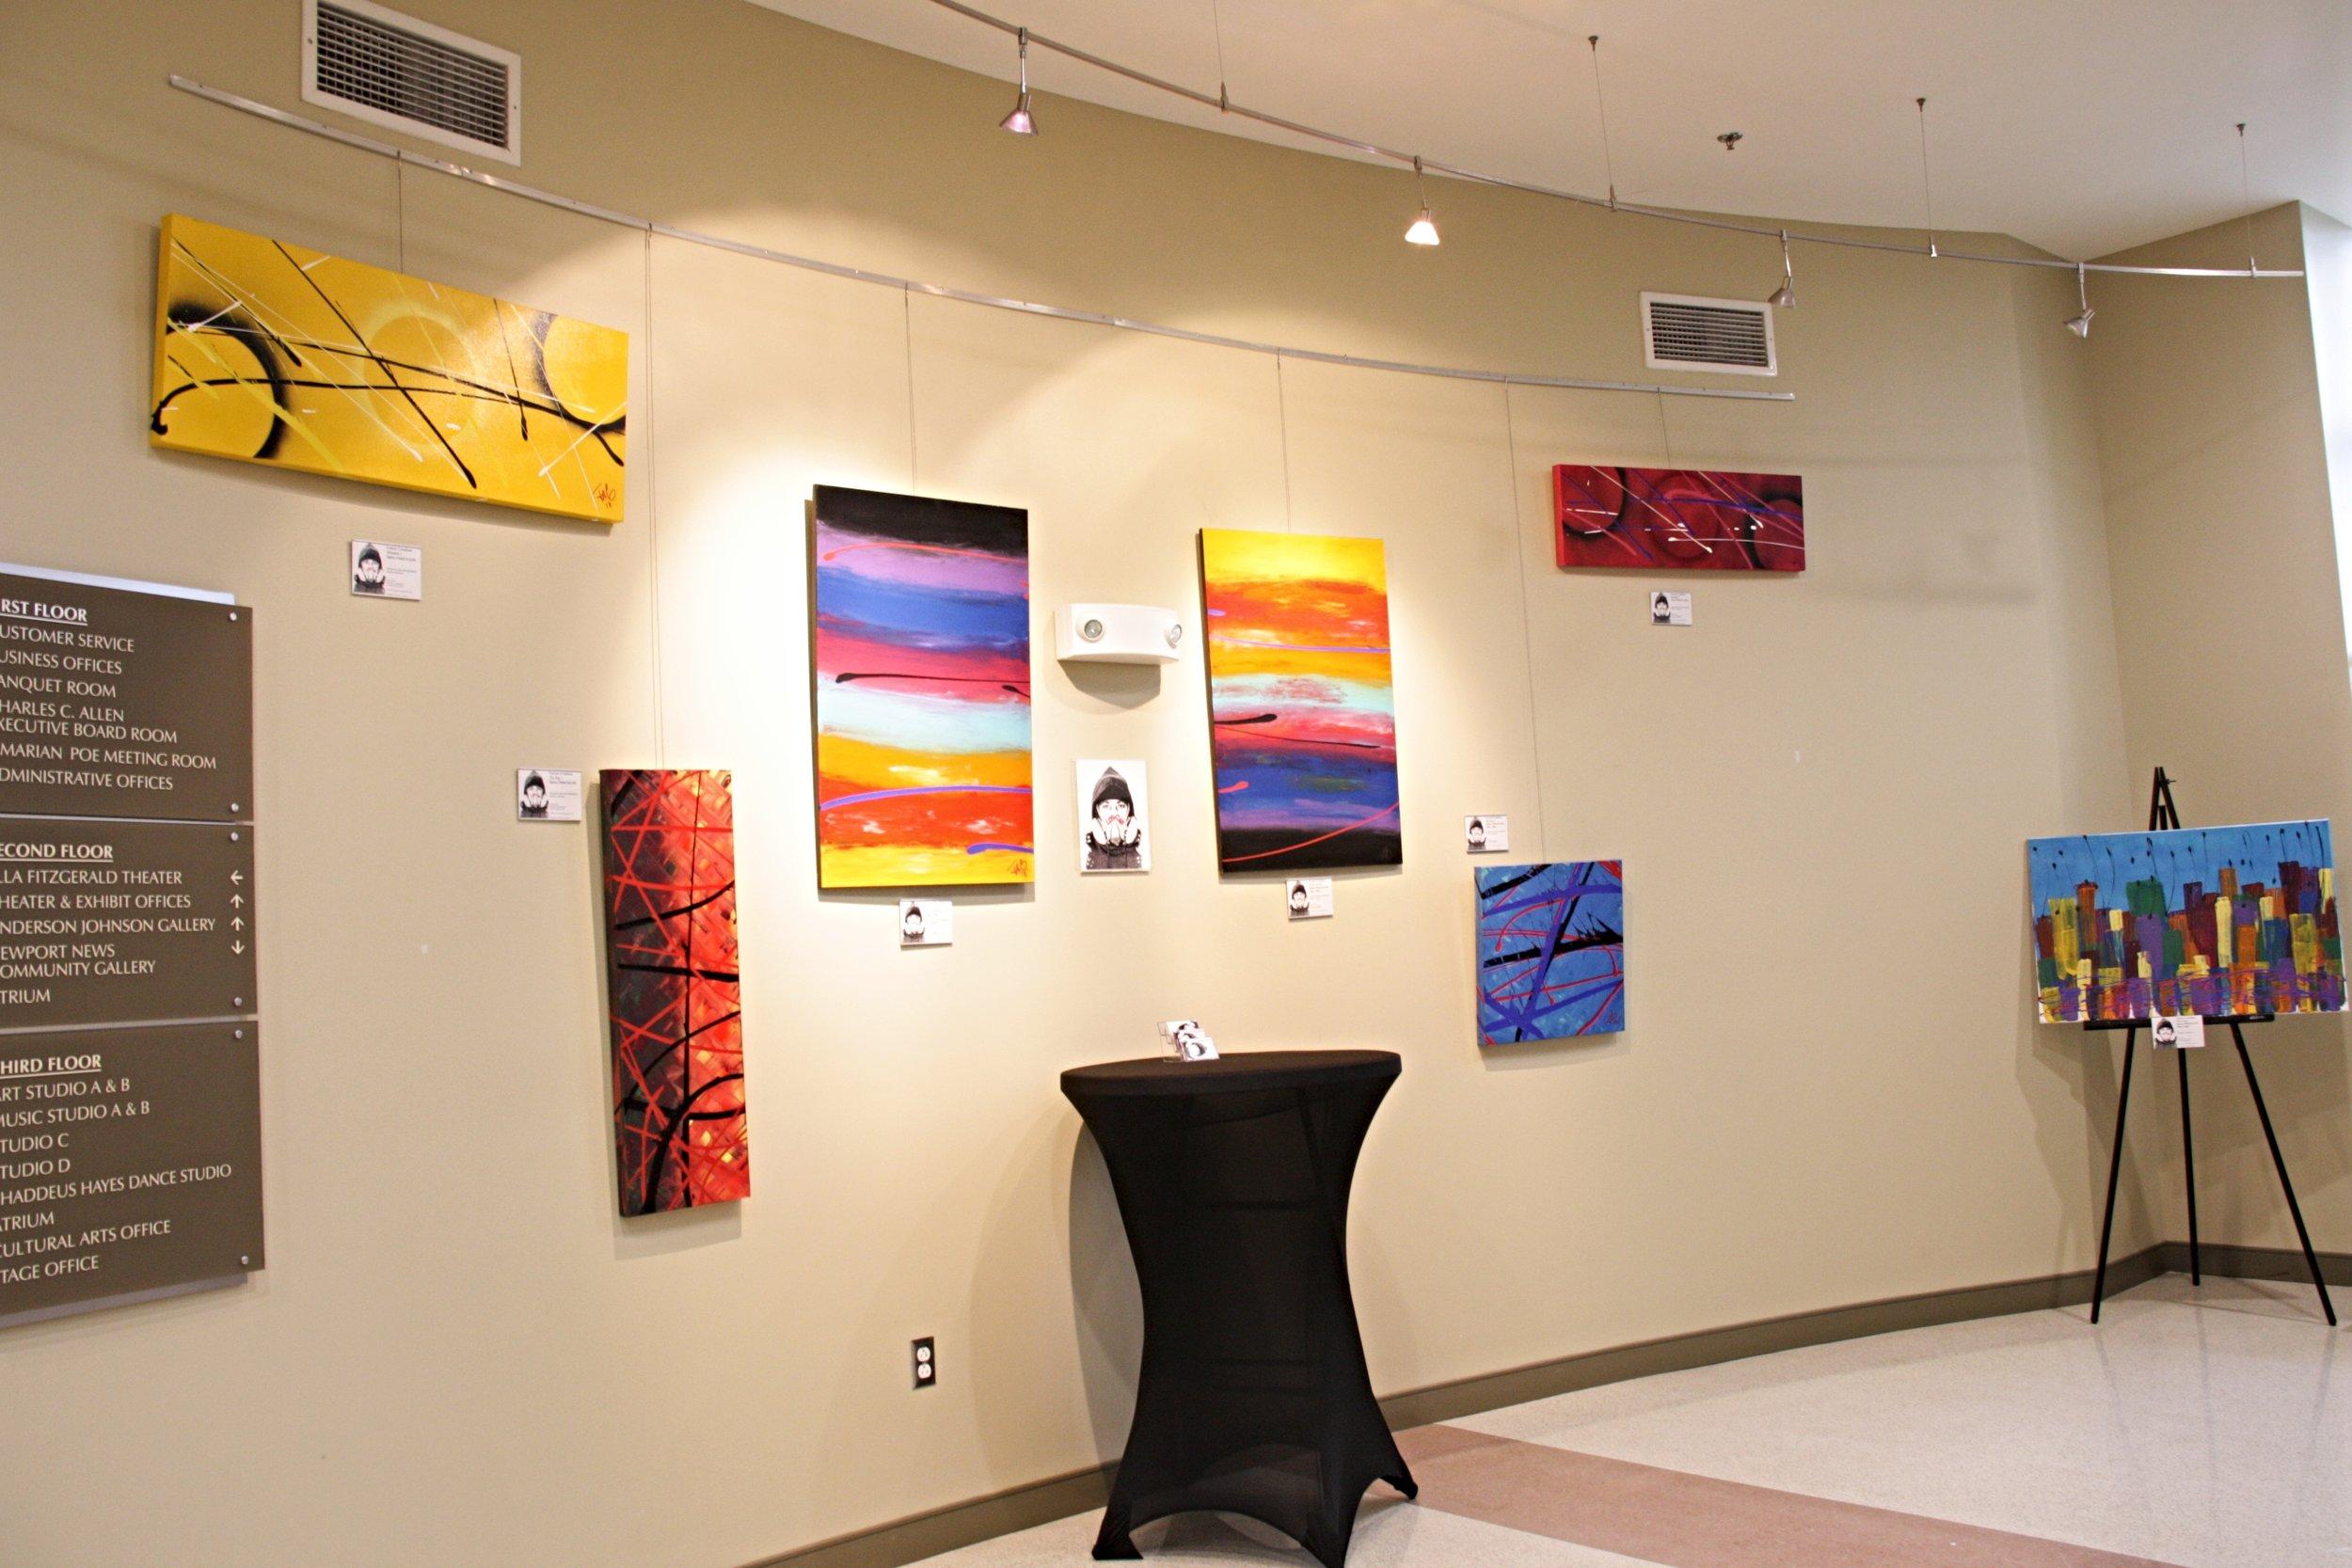 Loscar Creations art in situ 3.jpg